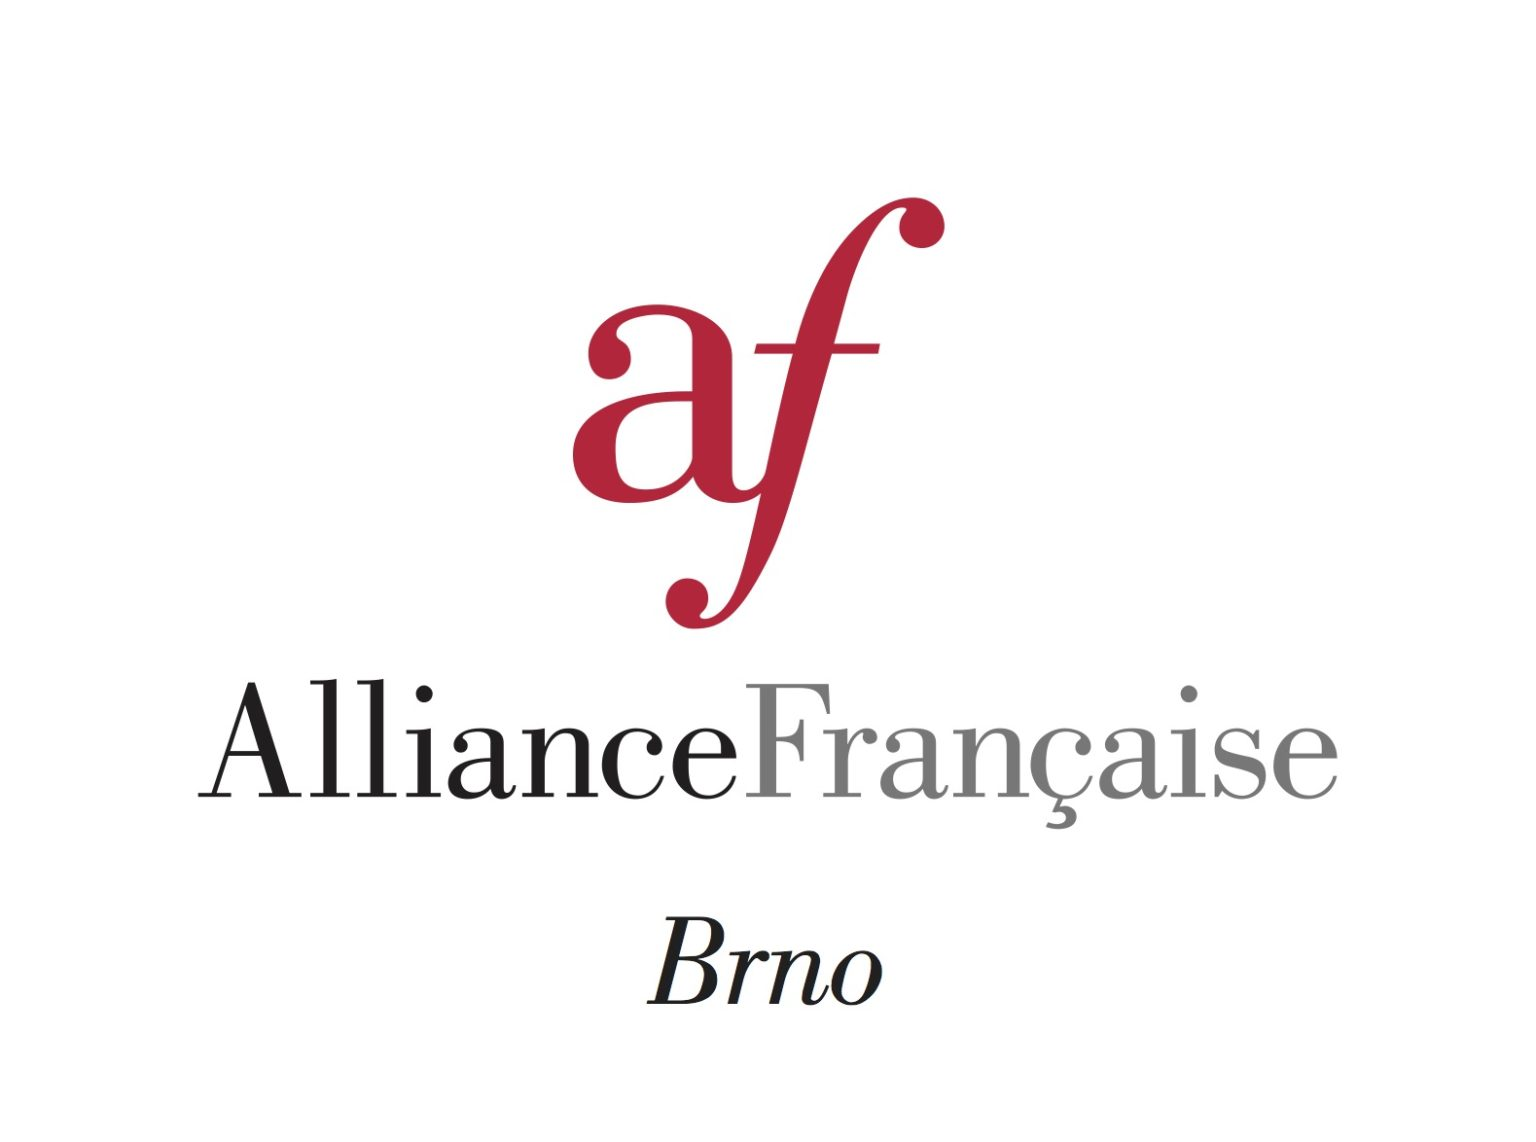 Logo-AF-Brno-1536x1142